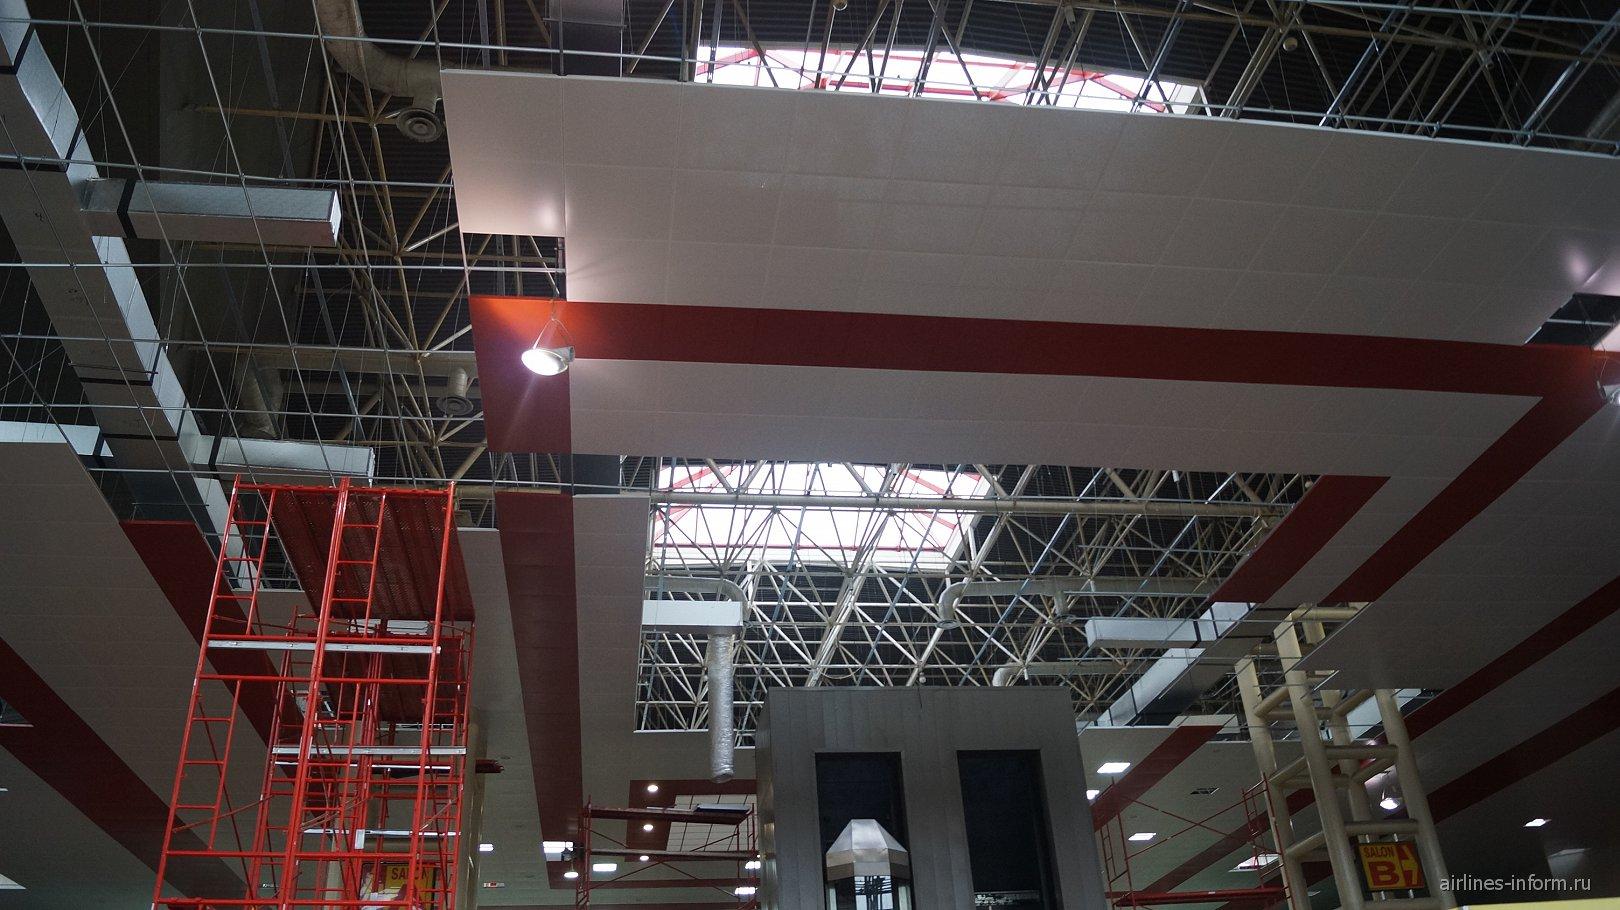 Потолок в международном терминале аэропорта Гавана Хосе Марти